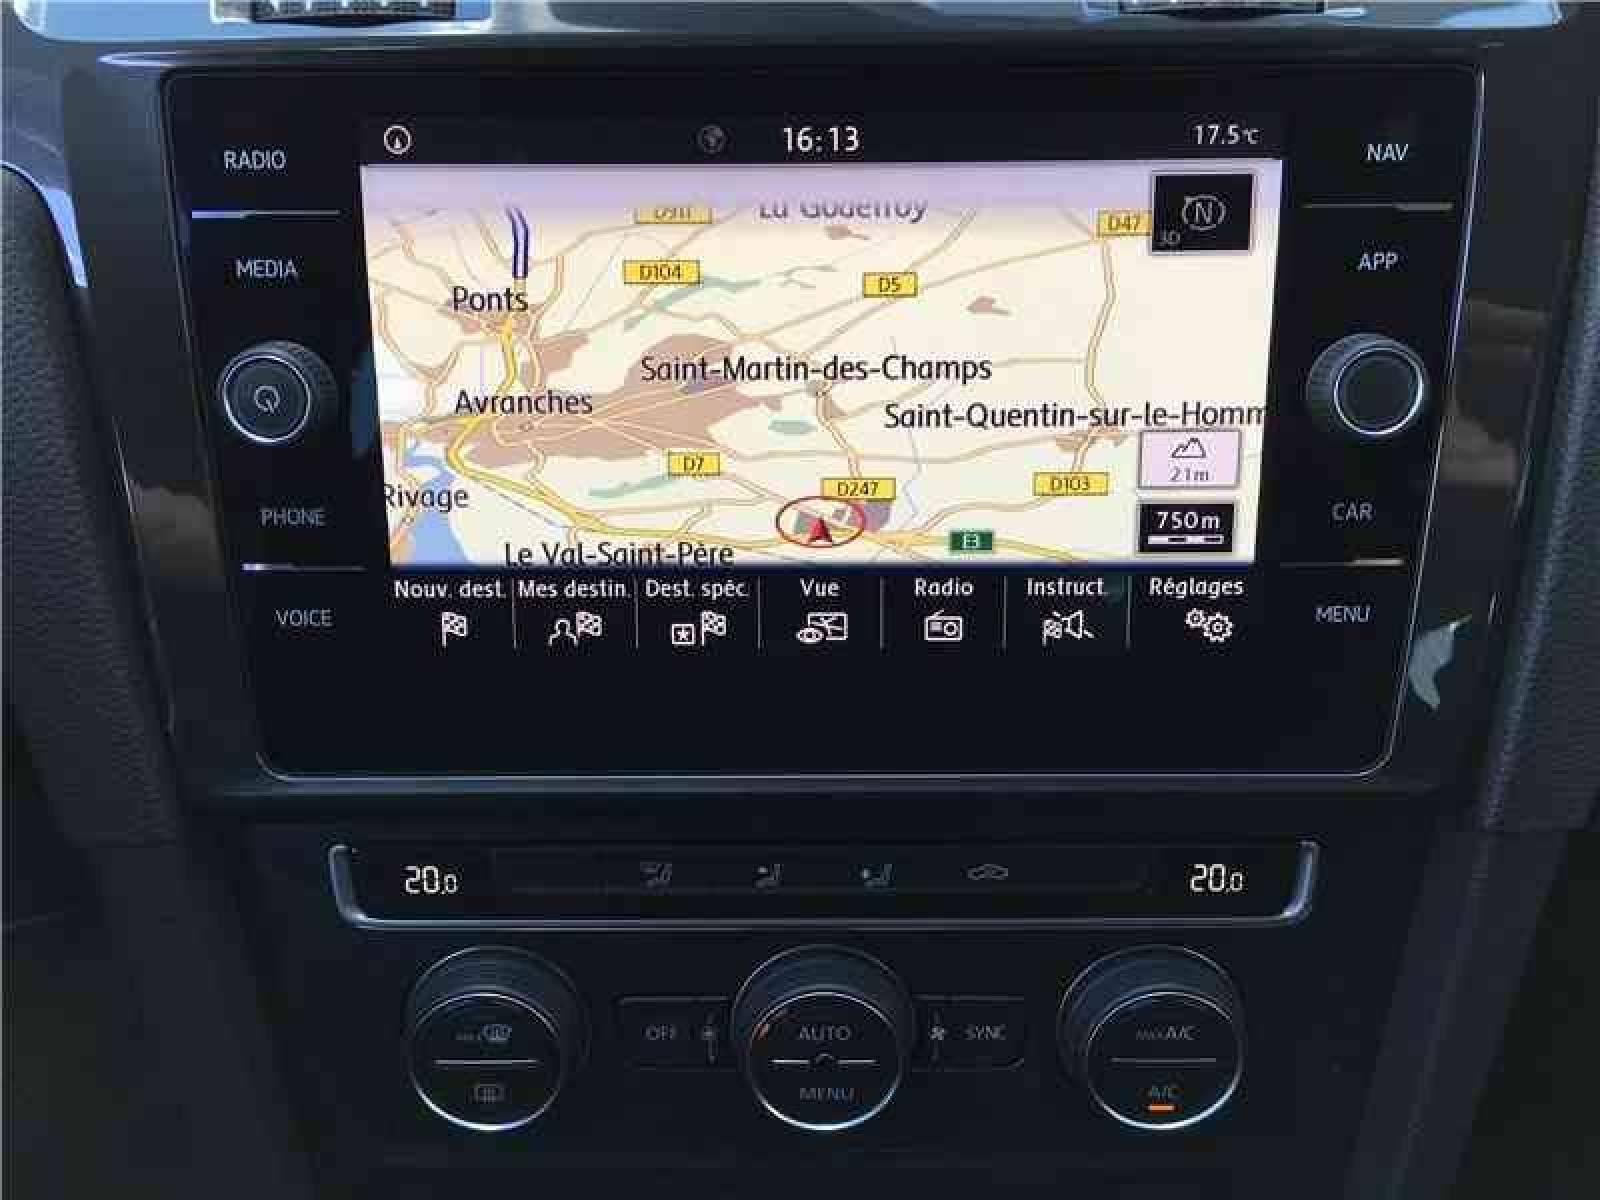 VOLKSWAGEN Golf 2.0 TDI 150 FAP BVM6 - véhicule d'occasion - LEMAUVIEL AUTOMOBILES - Présentation site web V2 - Lemauviel automobiles - AVRANCHES - 50300 - LE VAL-SAINT-PÈRE - 4